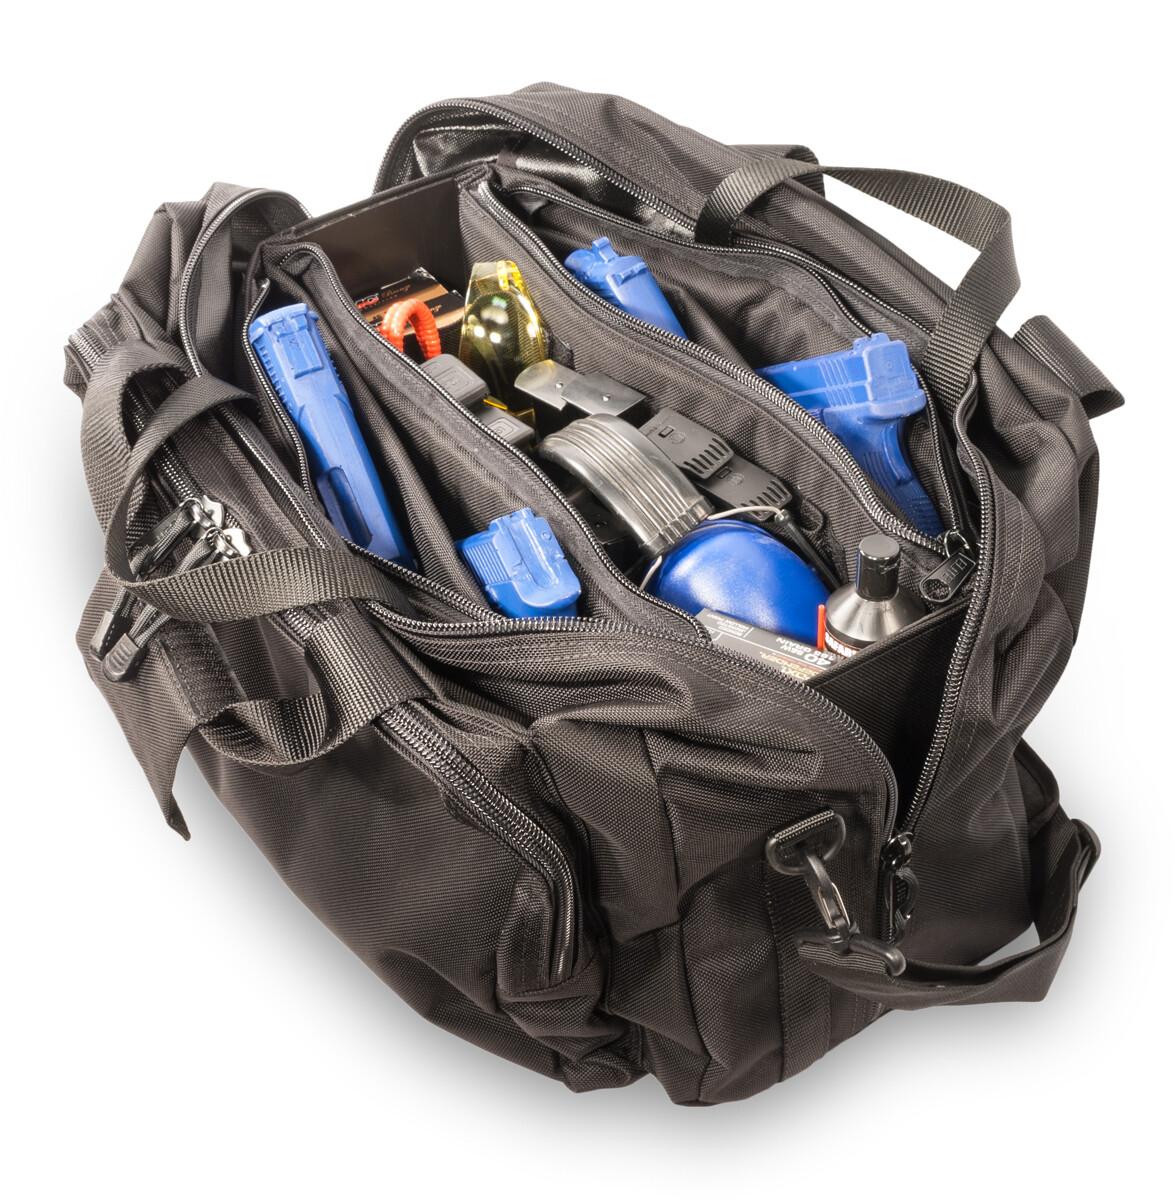 Large Range Bag